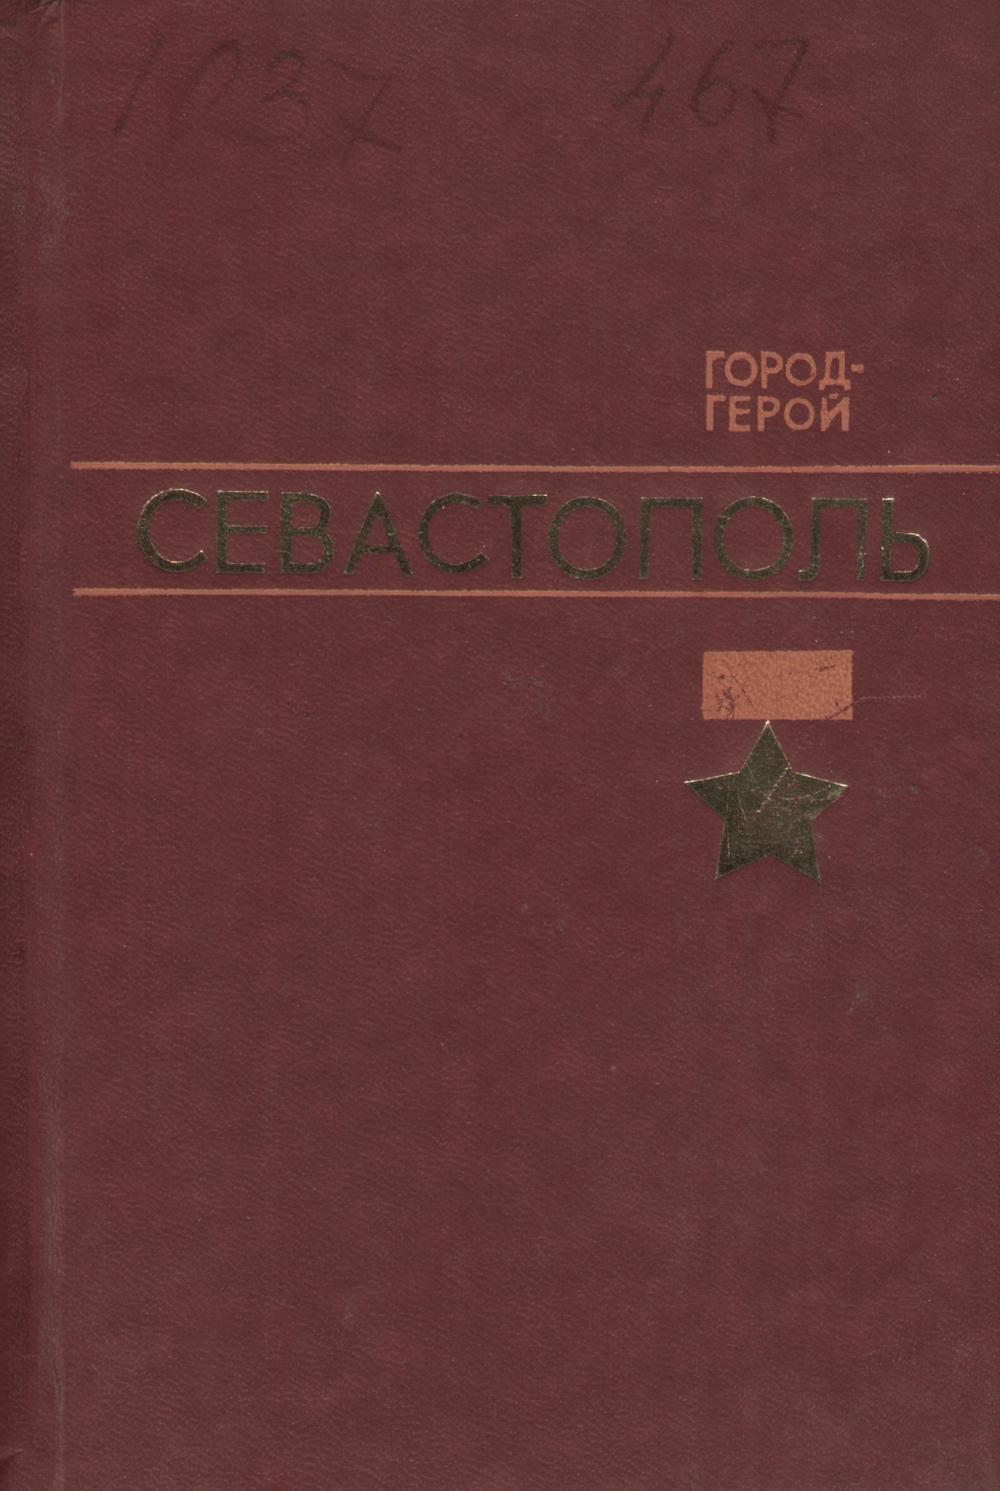 Город-герой Севастополь / А. И. Баглей, В. М. Артюхов. — Москва : Стройиздат, 1975